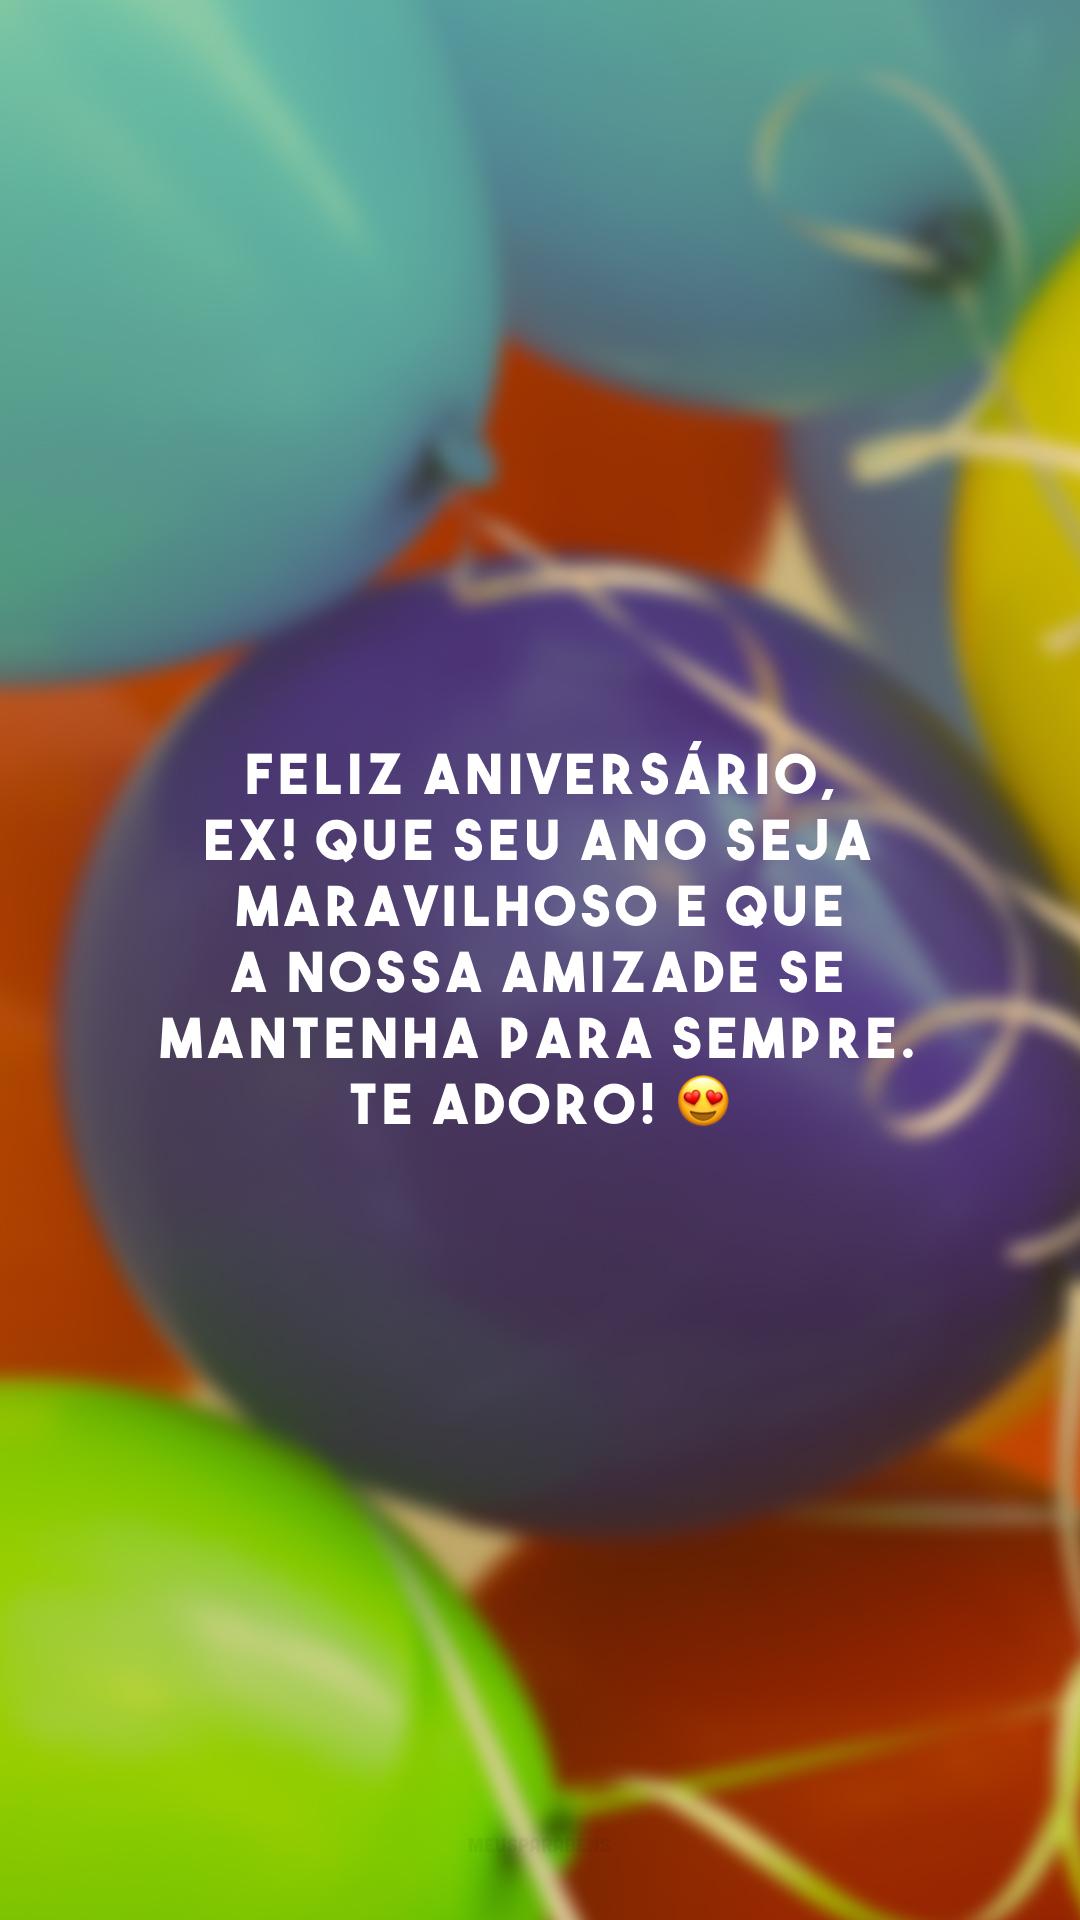 Feliz aniversário, ex! Que seu ano seja maravilhoso e que a nossa amizade se mantenha para sempre. Te adoro! 😍